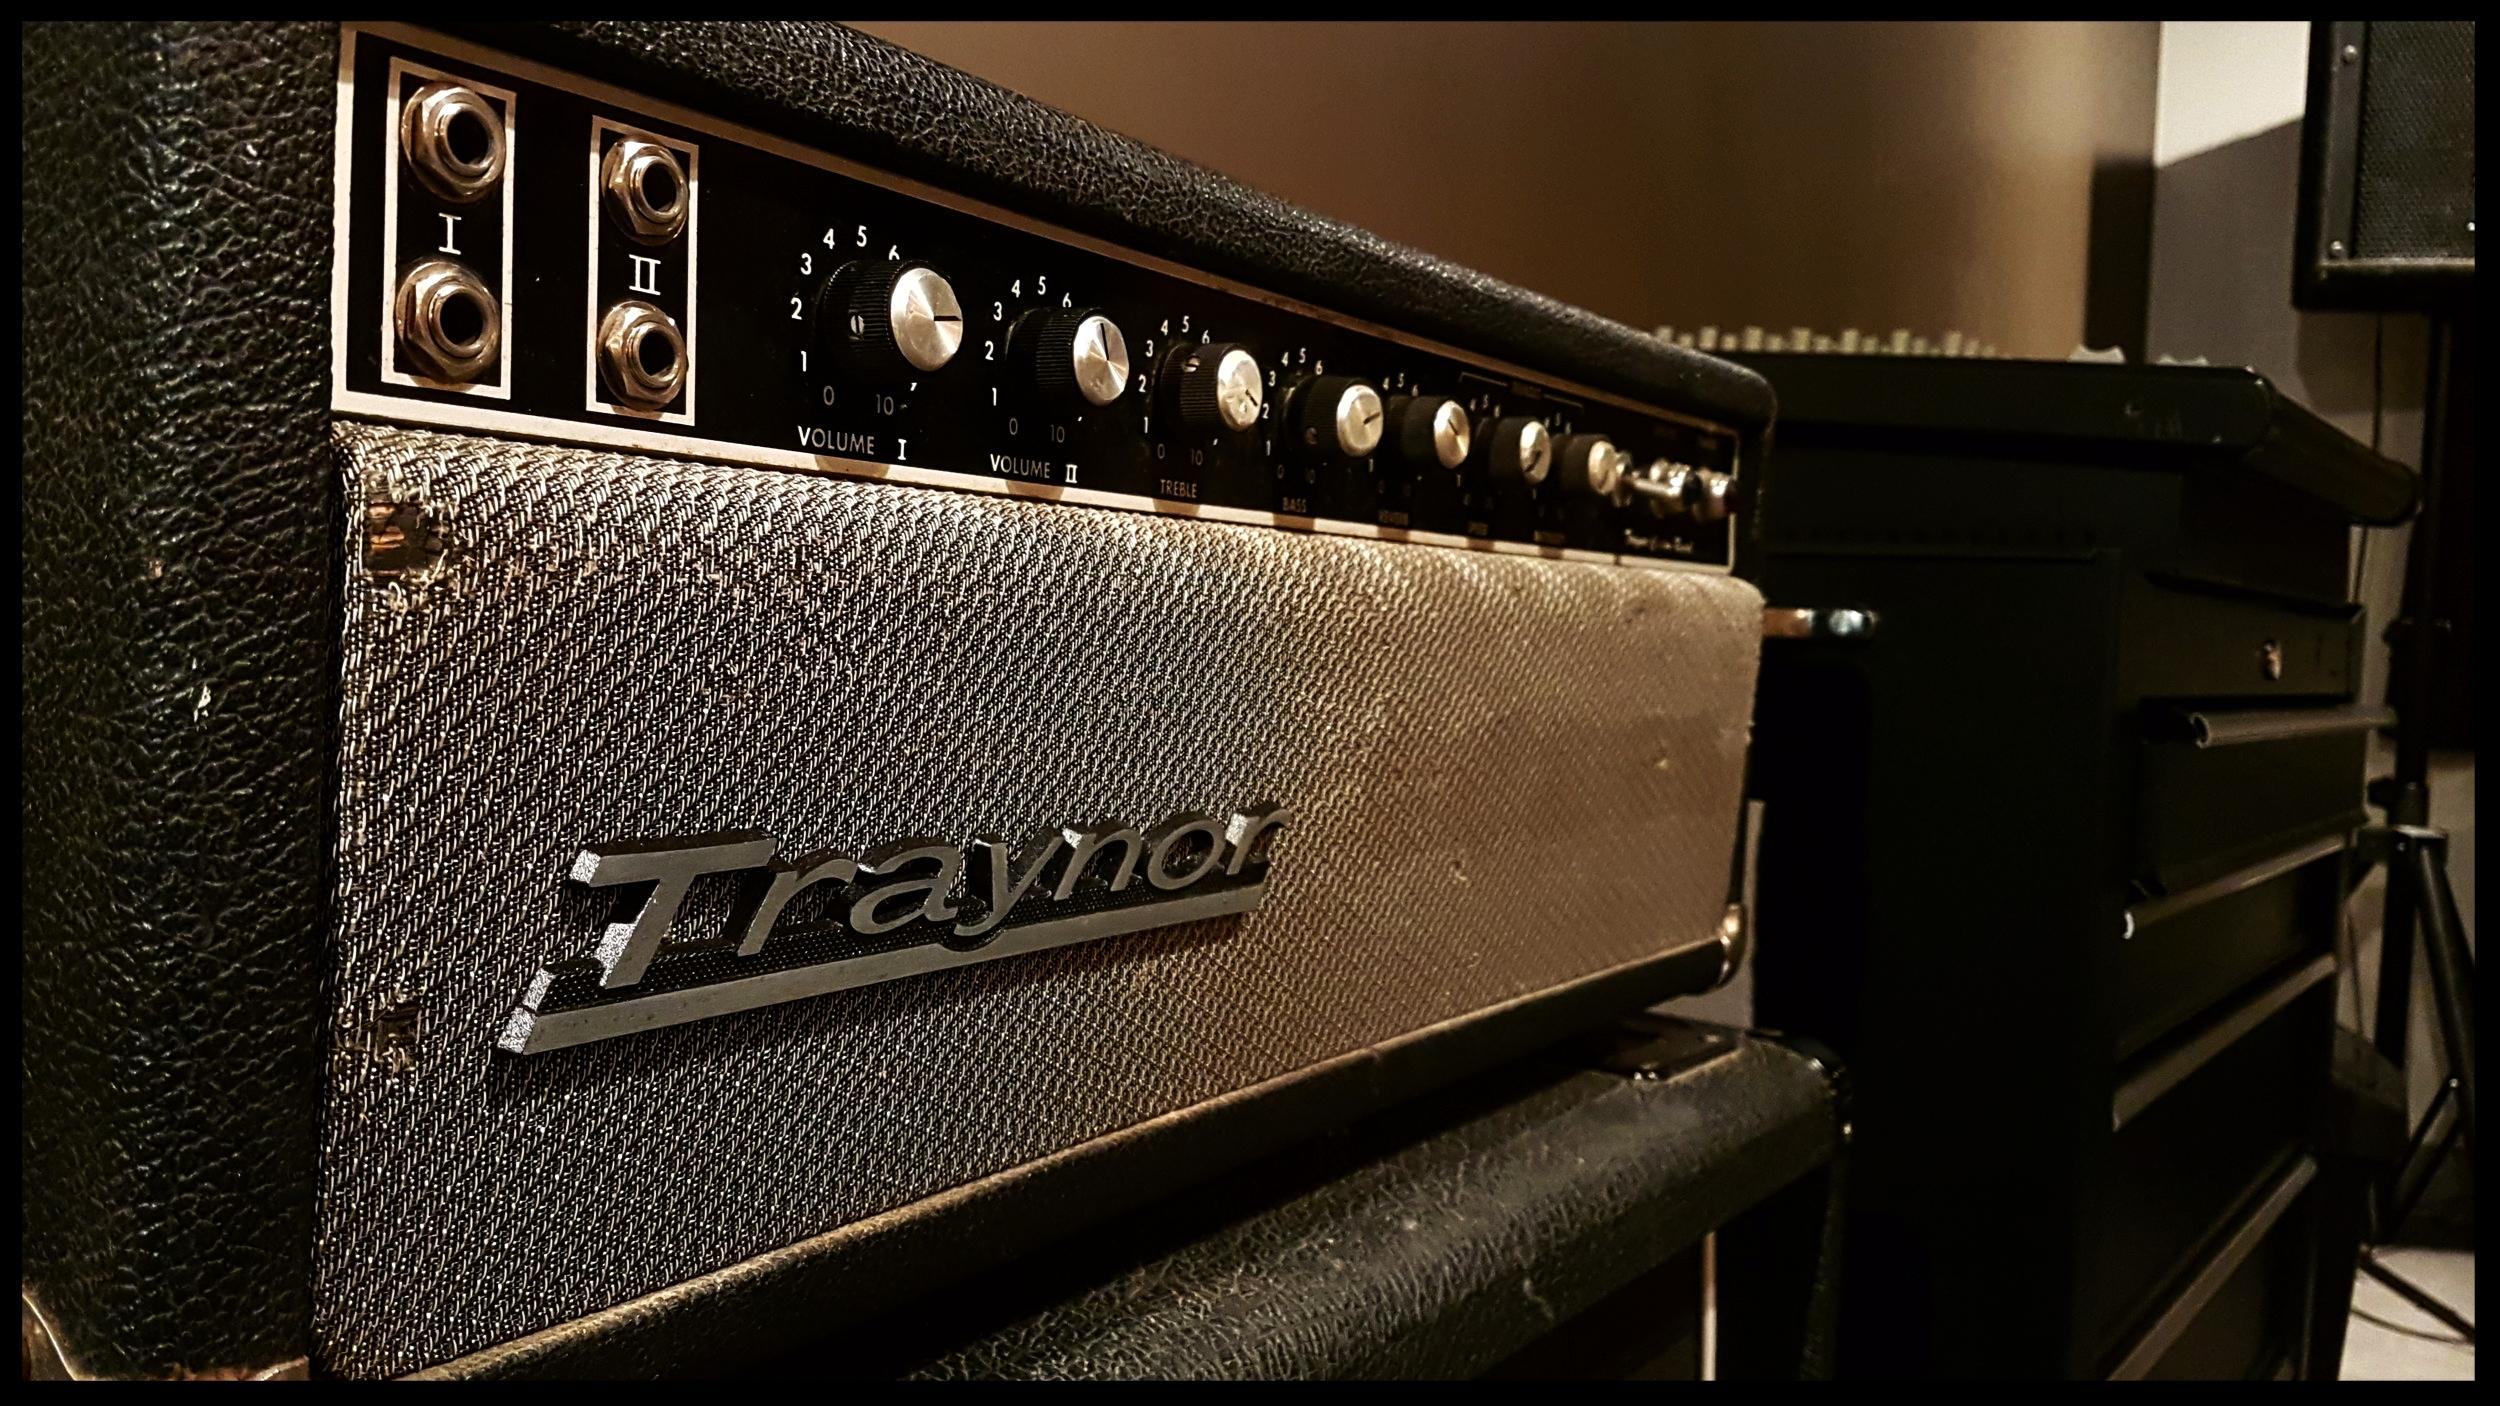 Traynor YSR - 1 Custom Reverb